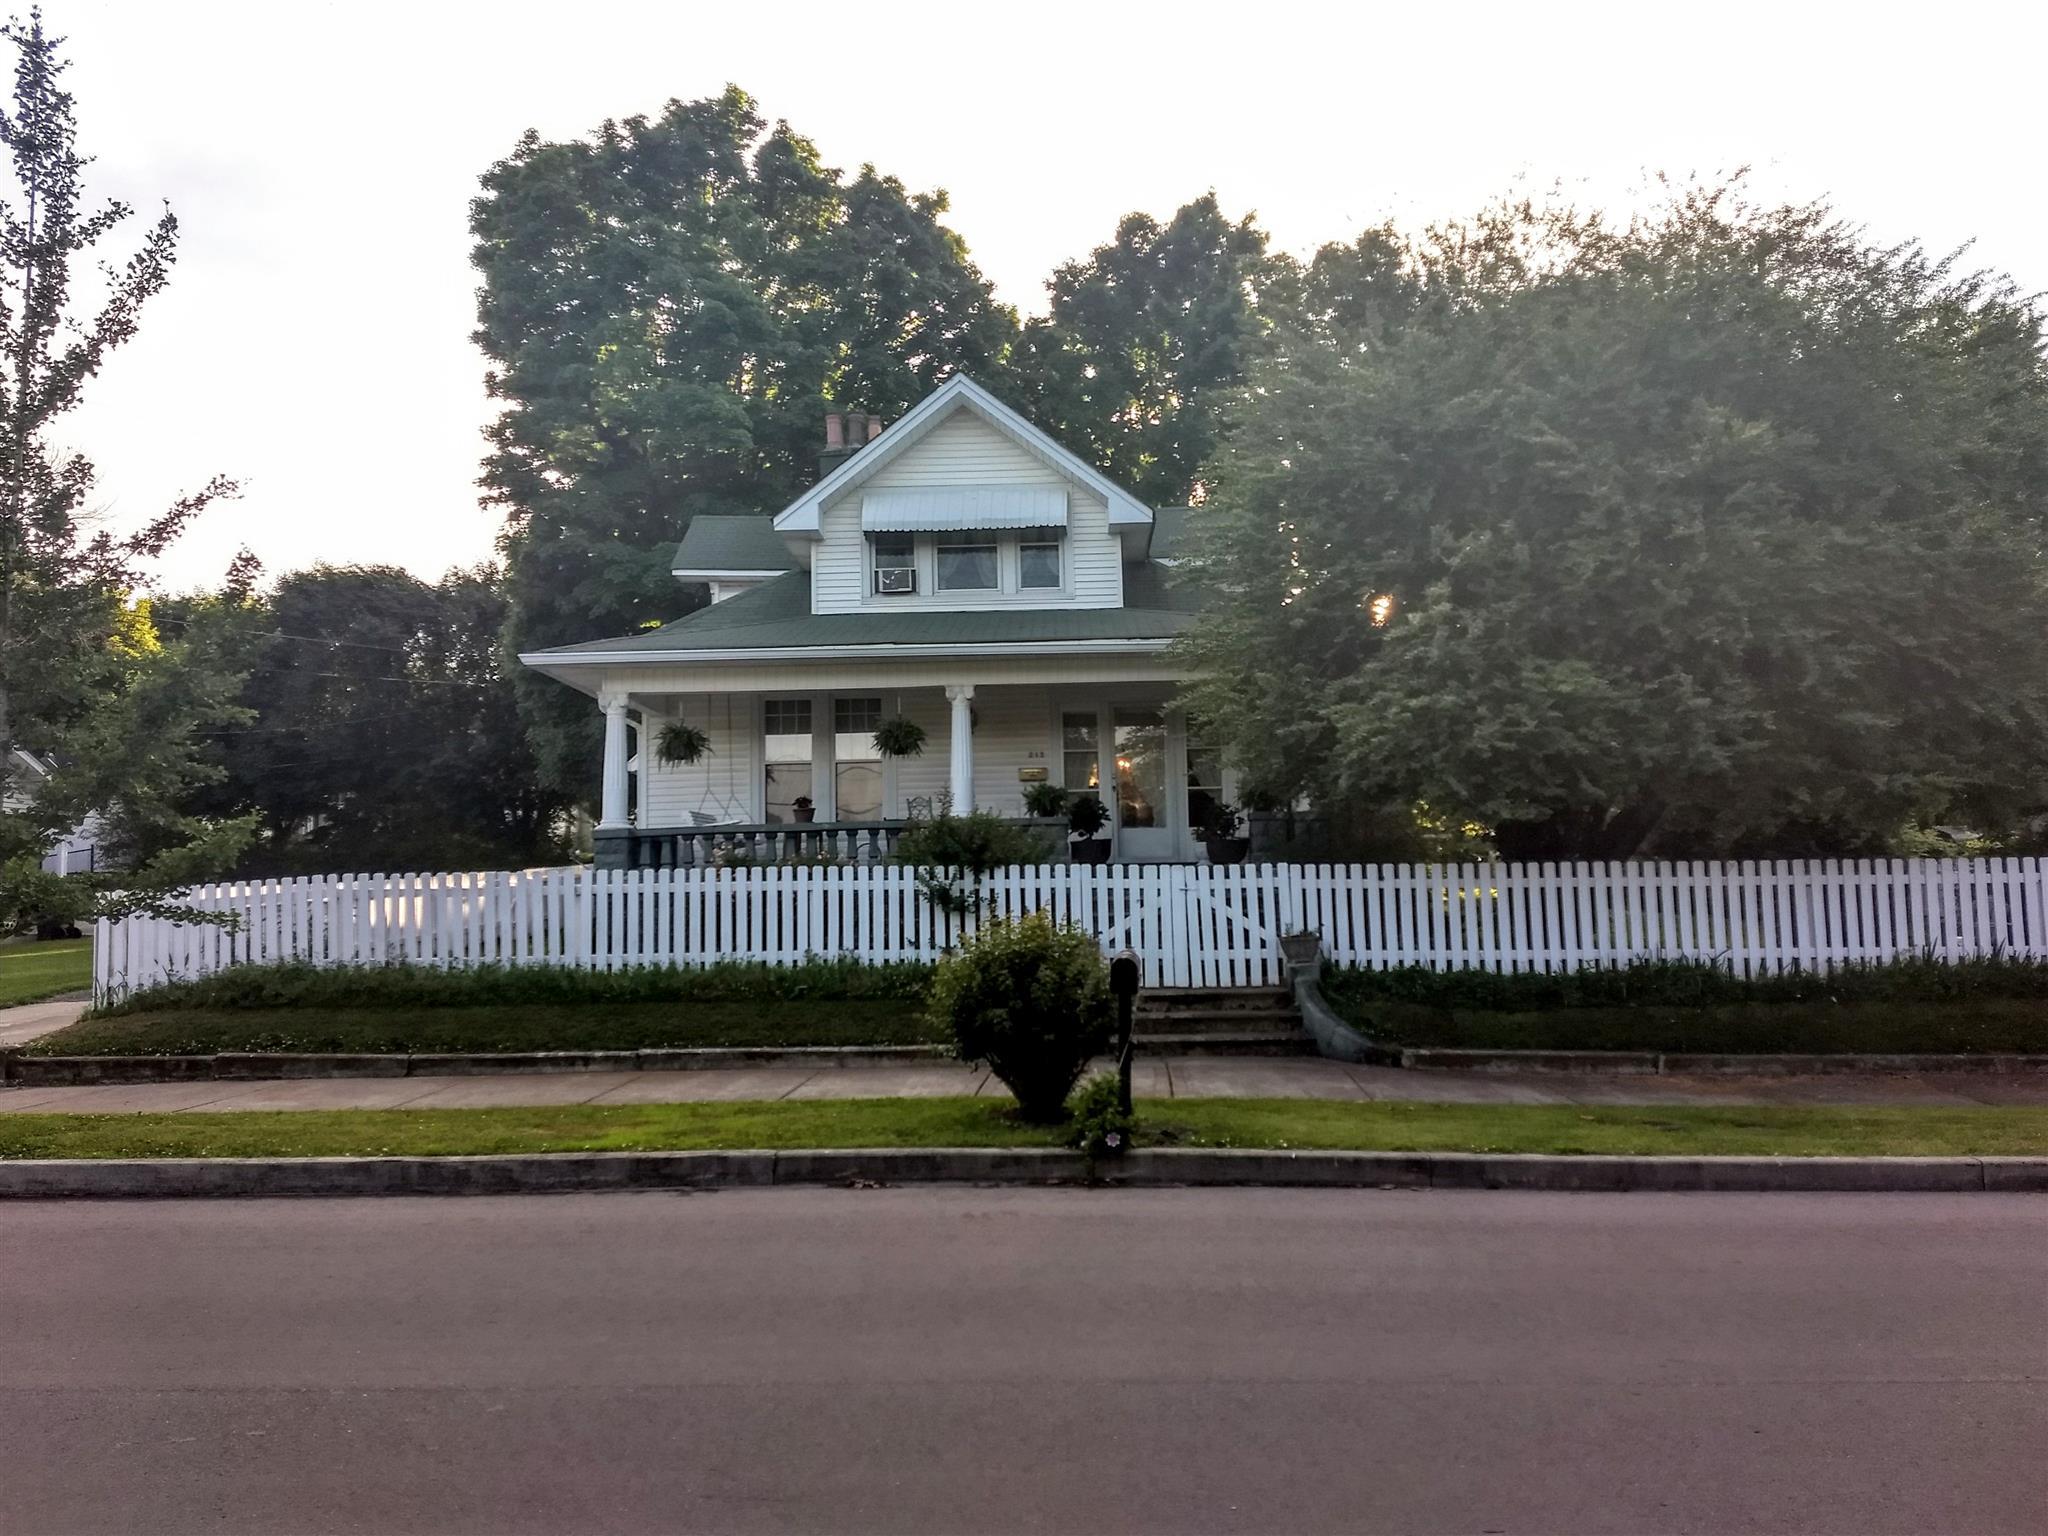 215 N Oak St, Springfield, TN 37172 - Springfield, TN real estate listing